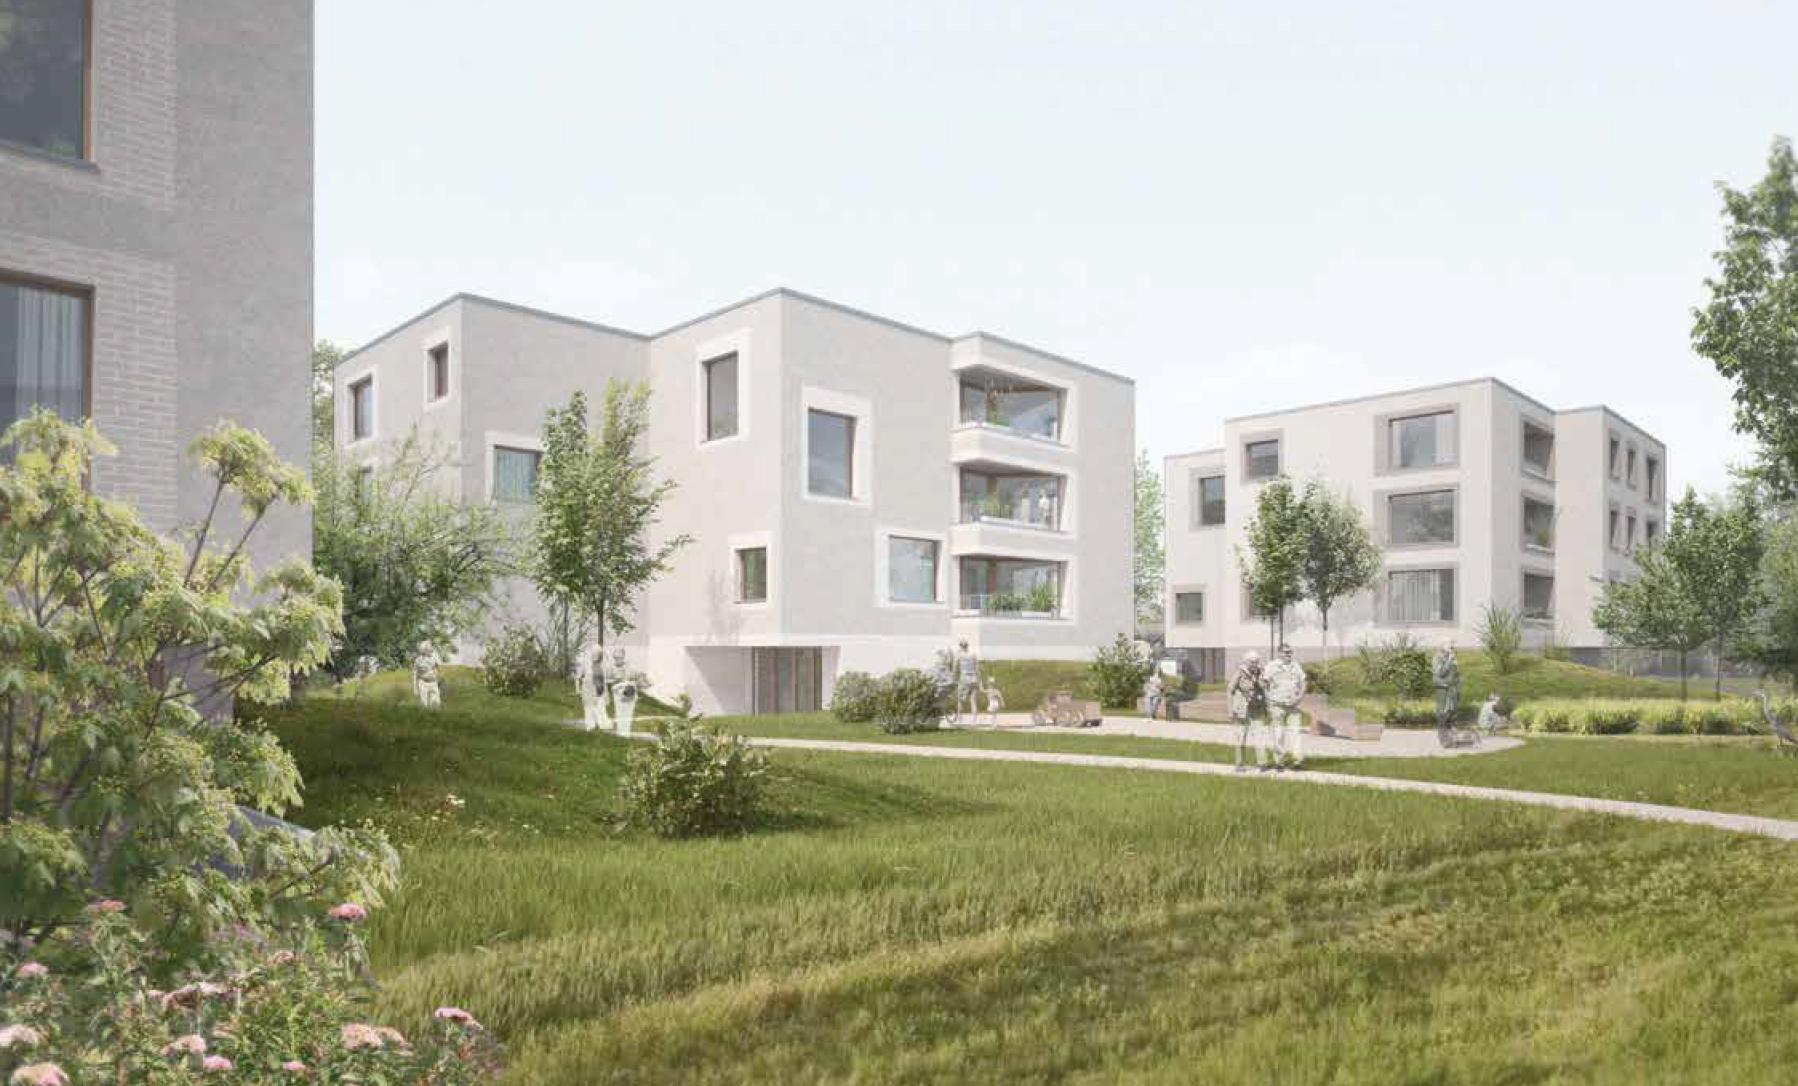 Neubau Alterswohnungen, Sugiez, 2b architectes, HAPPY DAYS